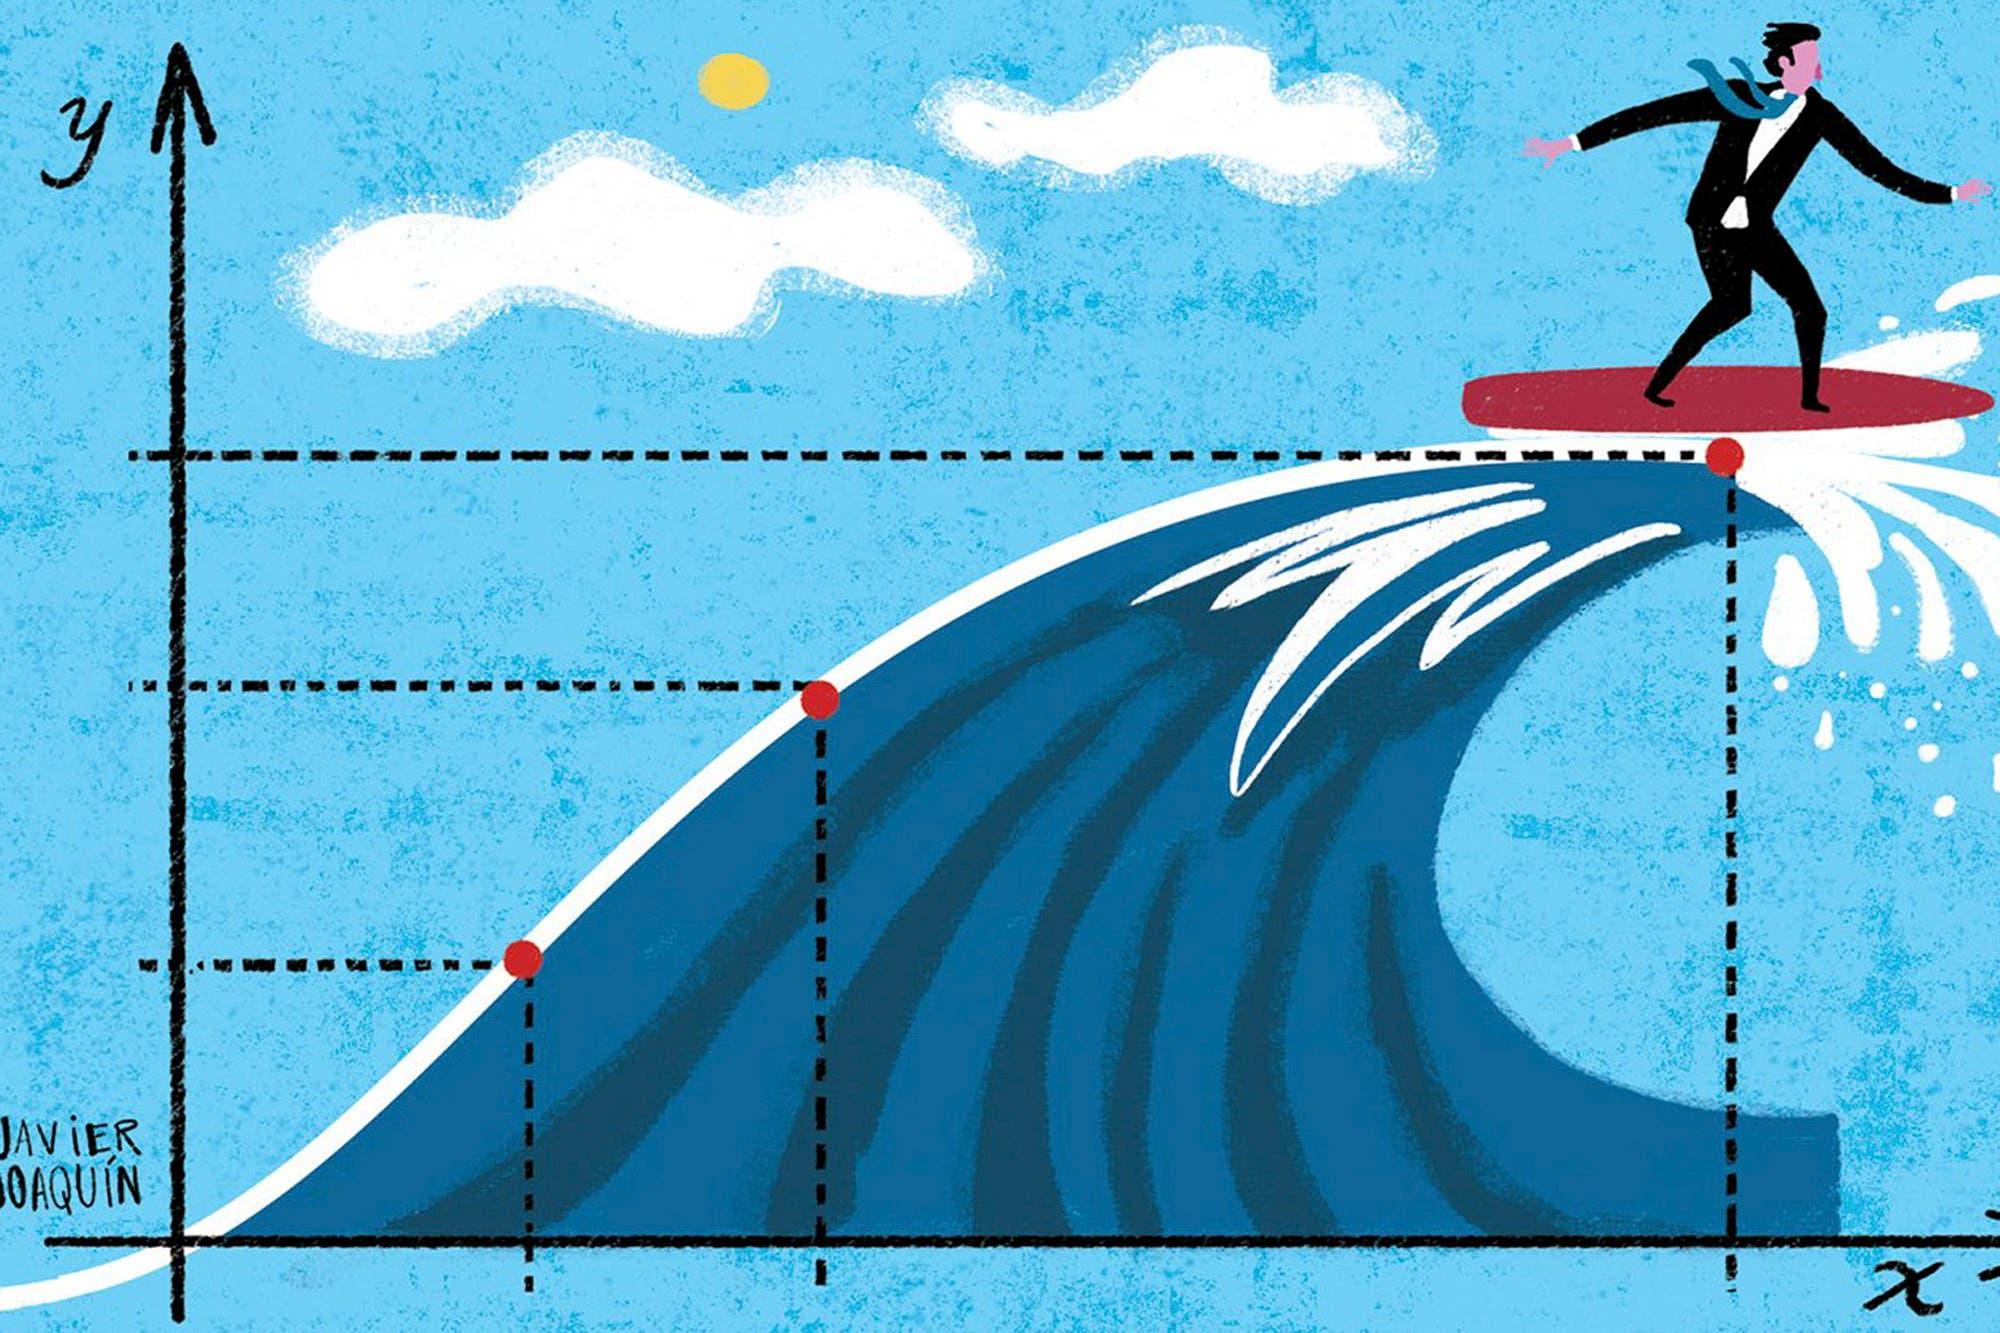 Economistas o meteorólogos: quiénes dan mejores pronósticos